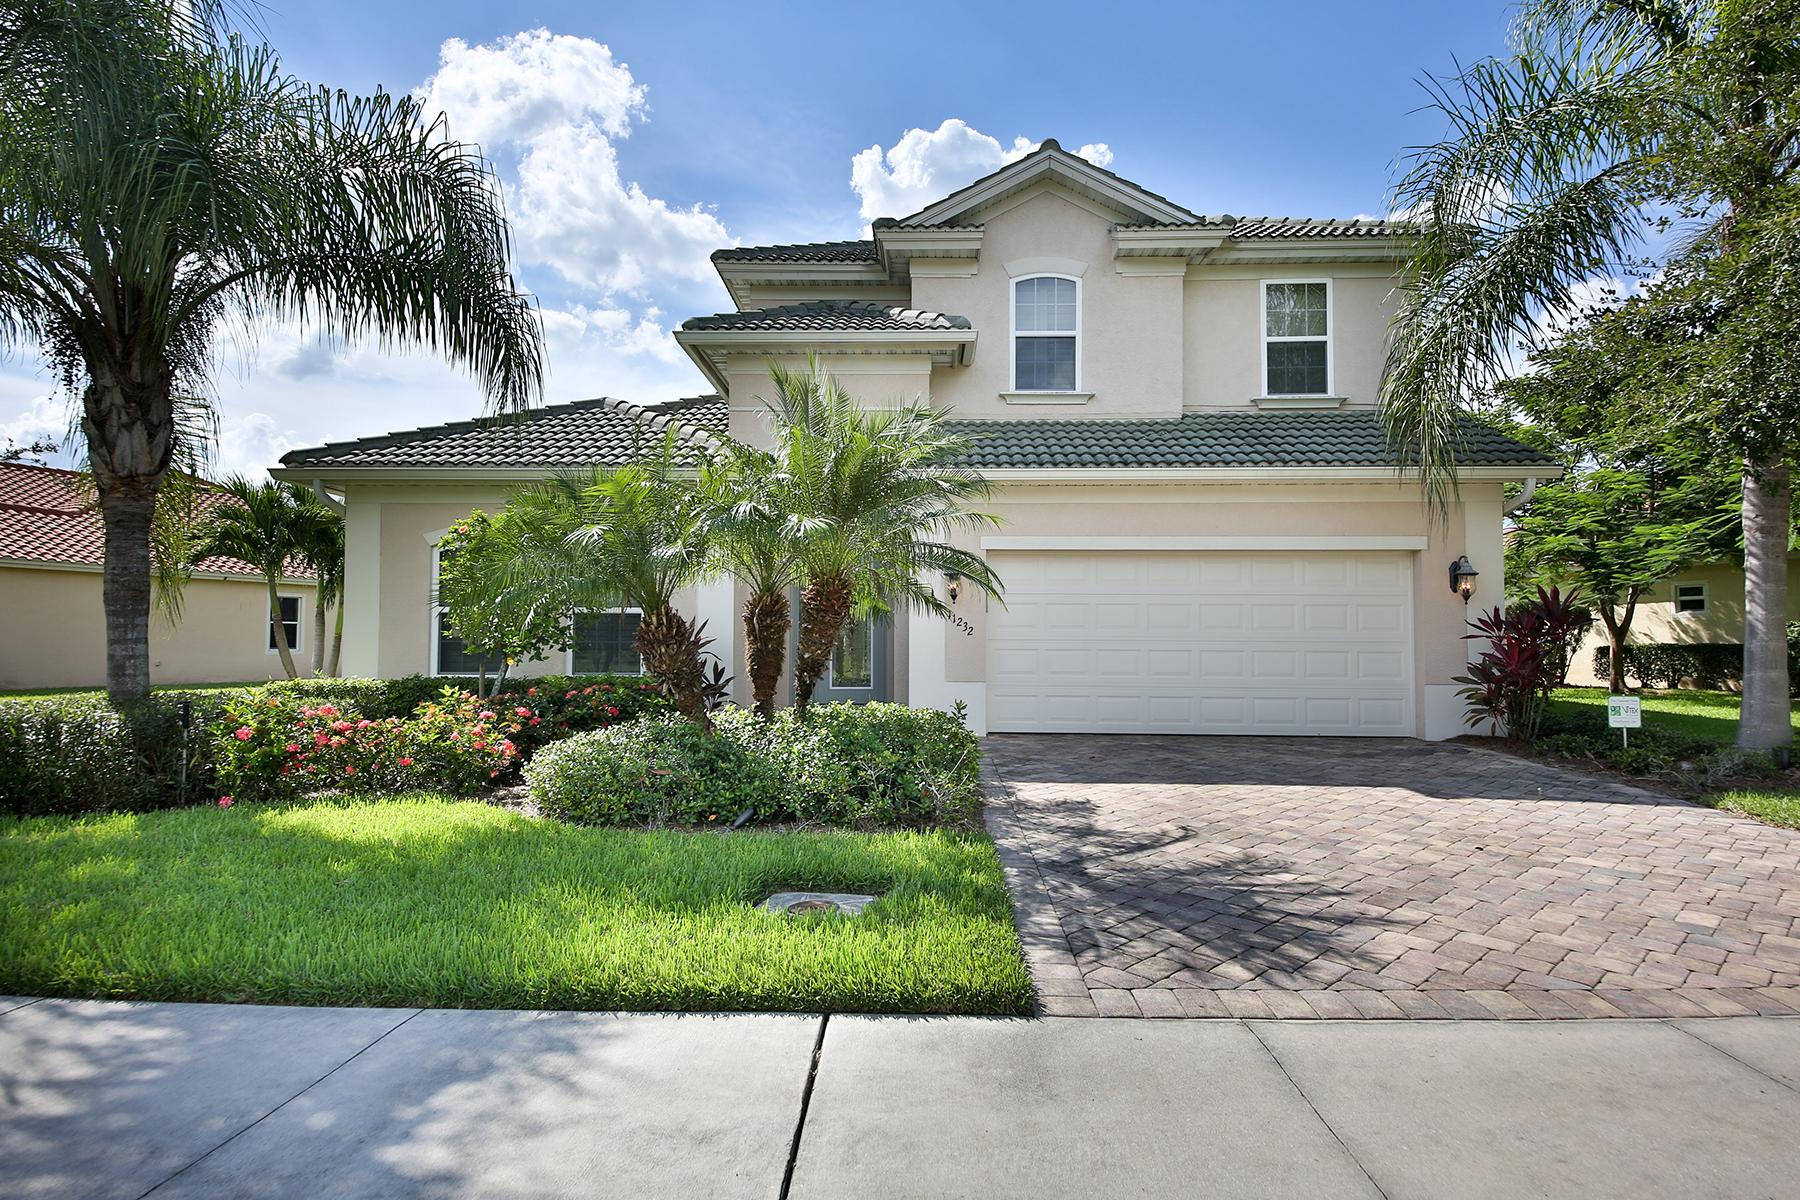 Tek Ailelik Ev için Satış at BRIDGETOWN AT THE PLANTATION 11232 Lithgow Ln Fort Myers, Florida, 33913 Amerika Birleşik Devletleri